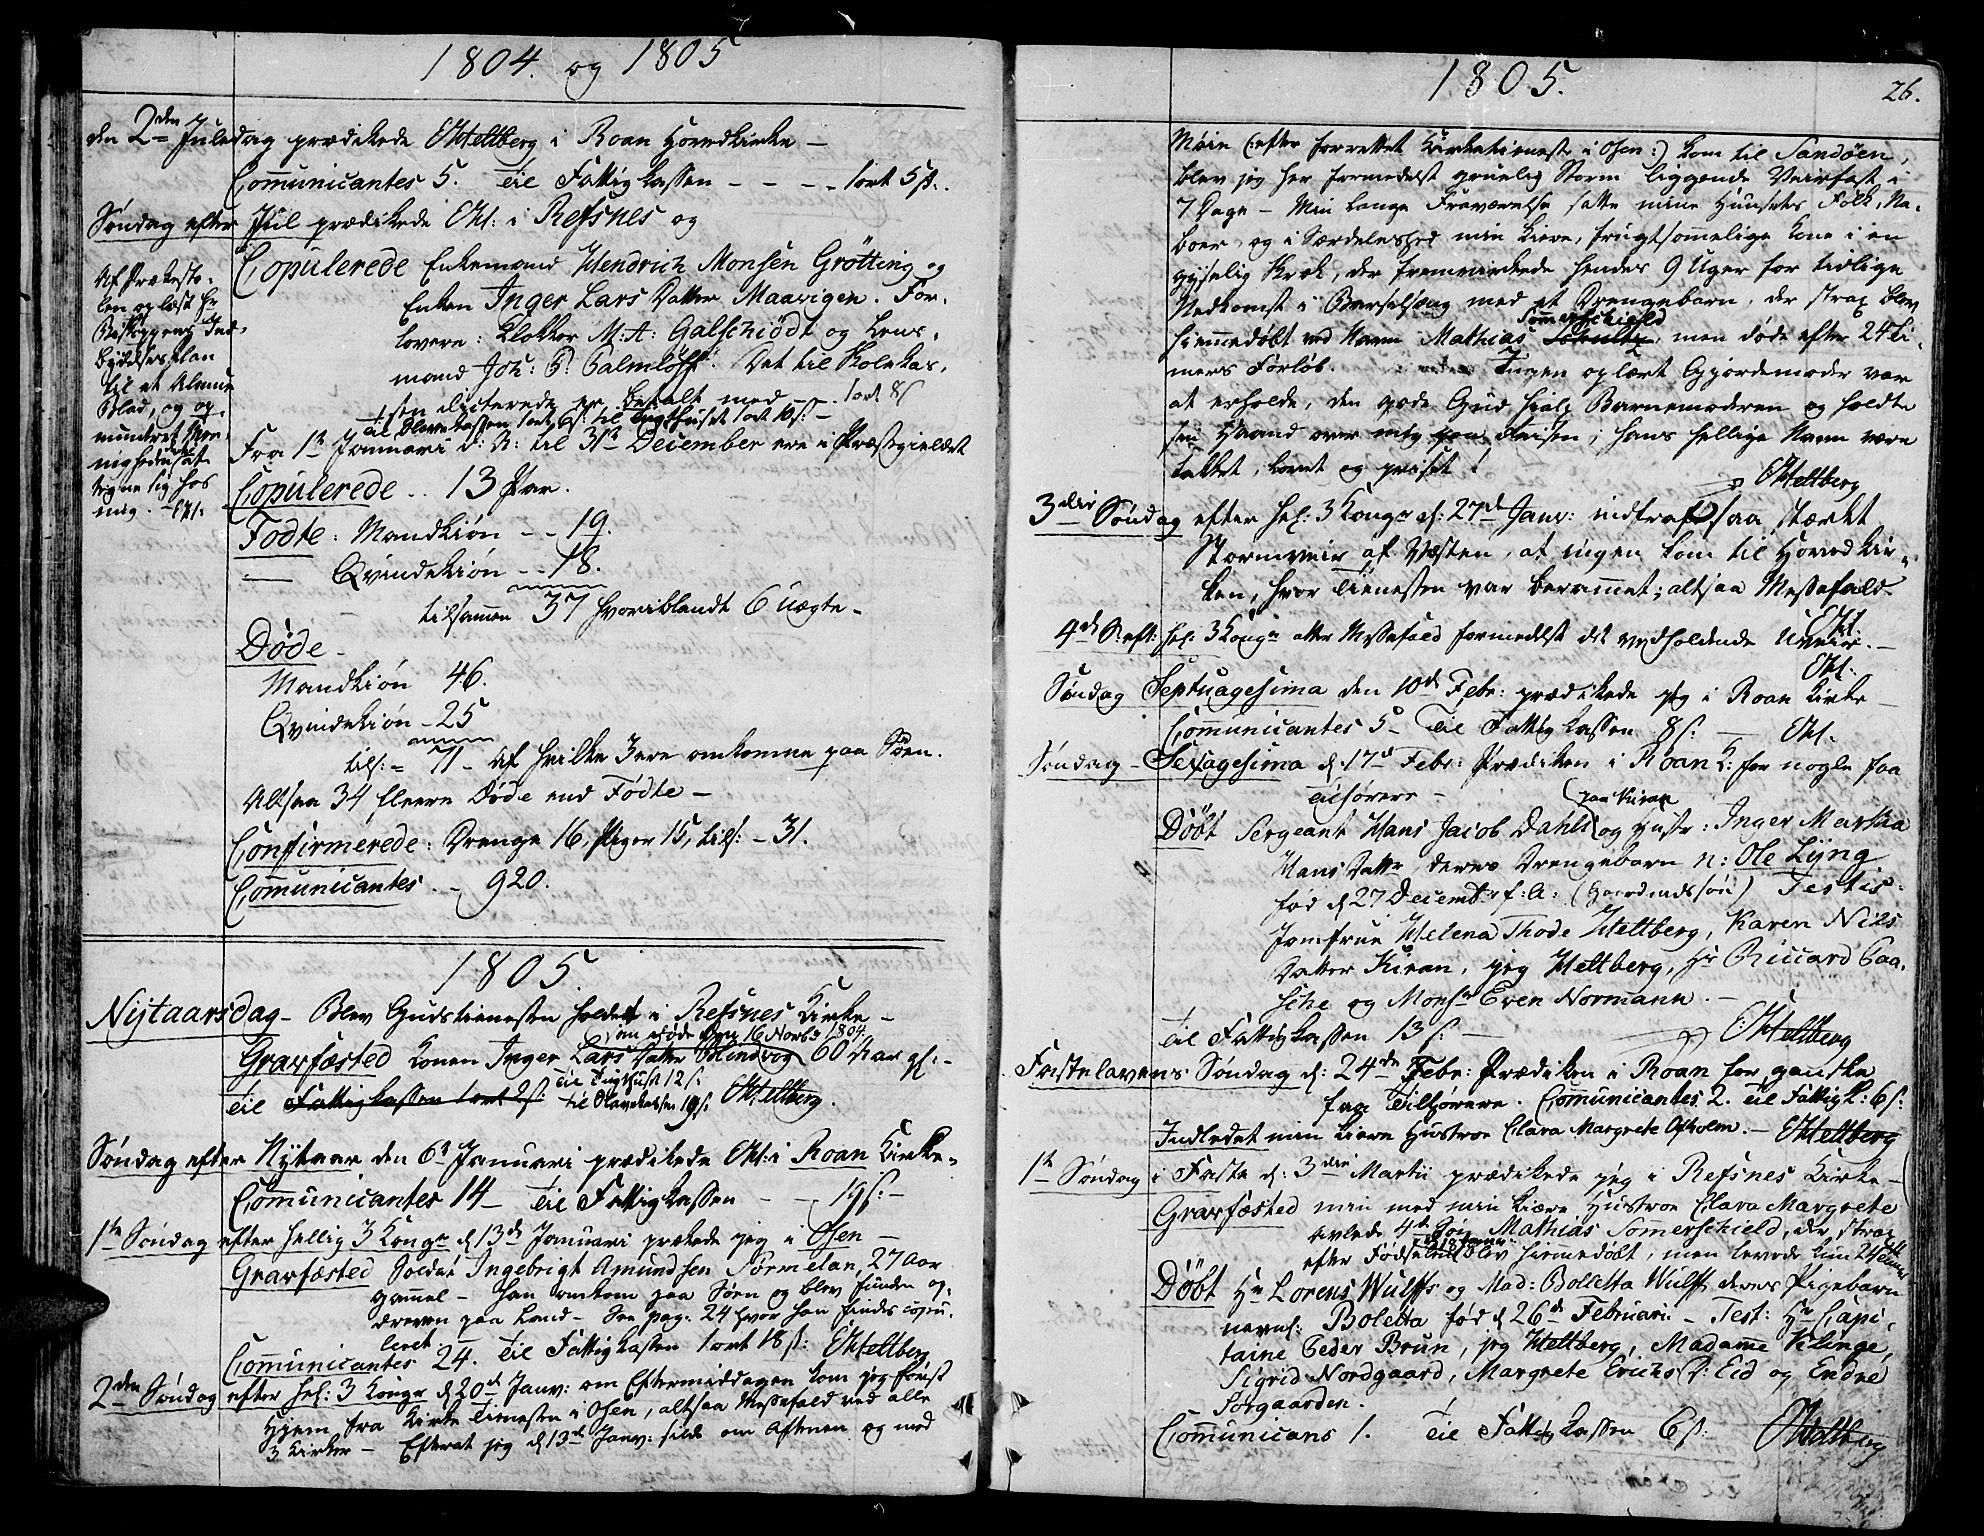 SAT, Ministerialprotokoller, klokkerbøker og fødselsregistre - Sør-Trøndelag, 657/L0701: Ministerialbok nr. 657A02, 1802-1831, s. 26